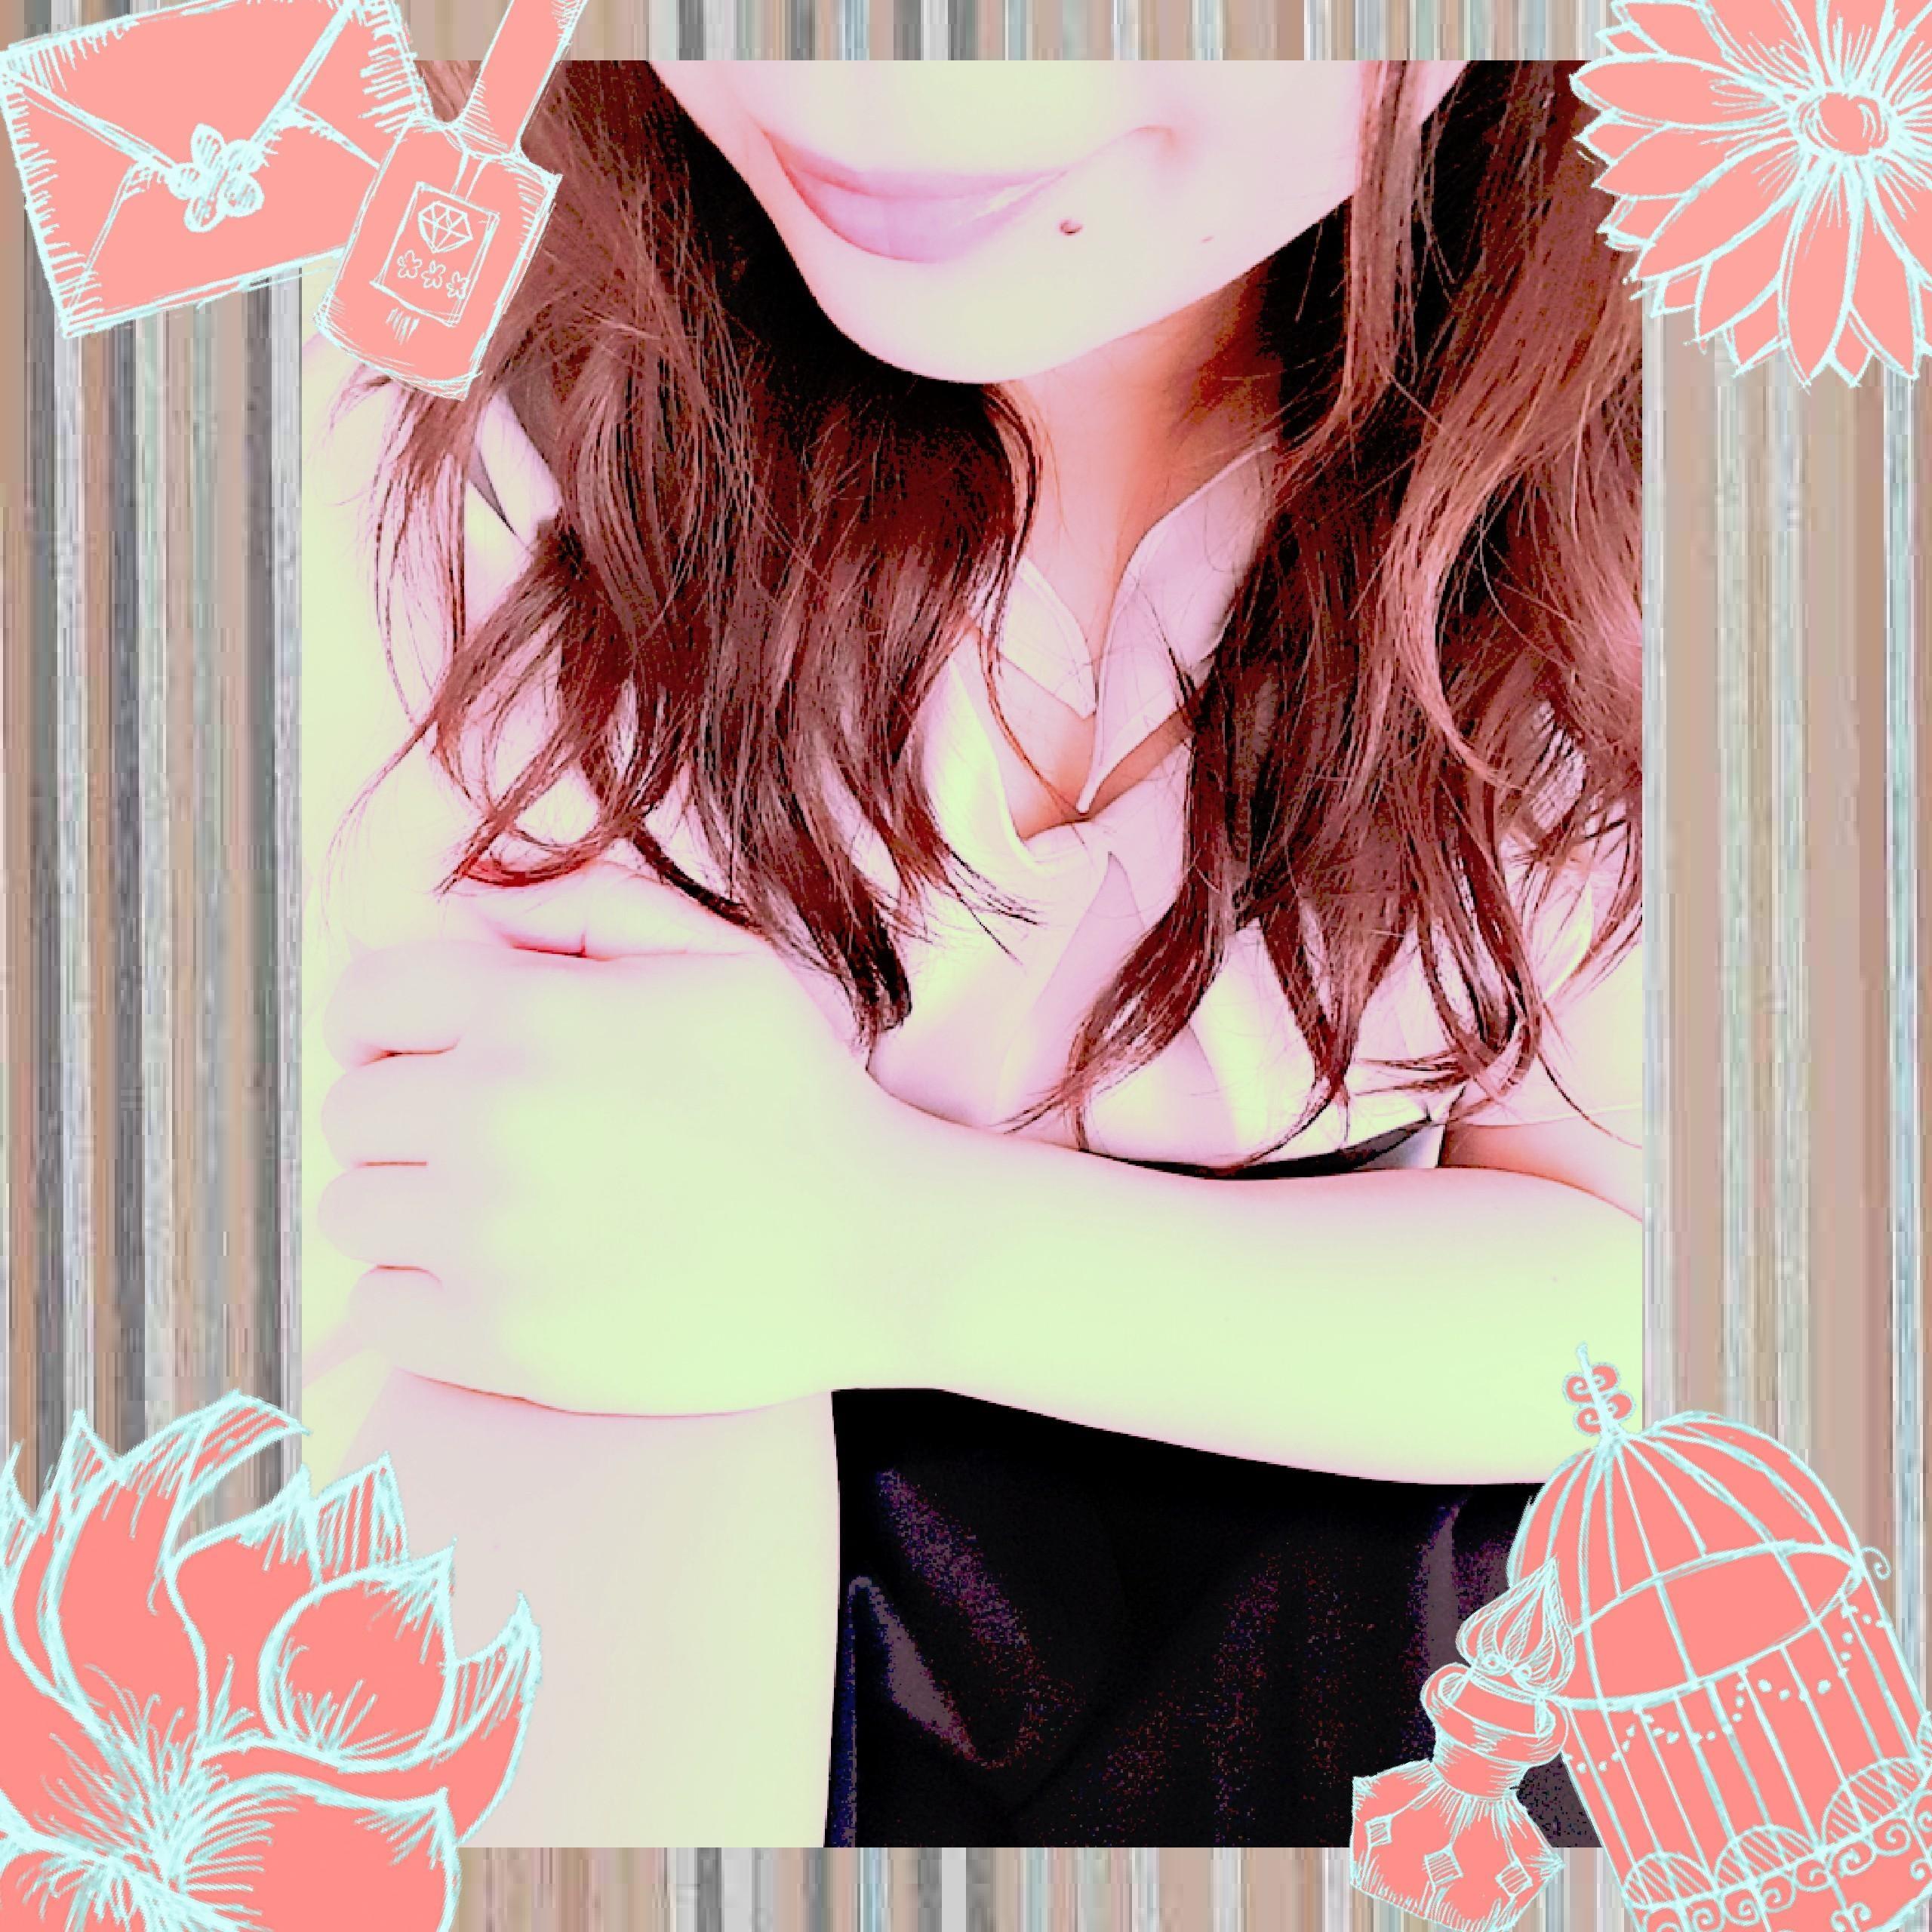 ひかるこ「☆おはようございます^^*☆」08/12(日) 09:21 | ひかるこの写メ・風俗動画